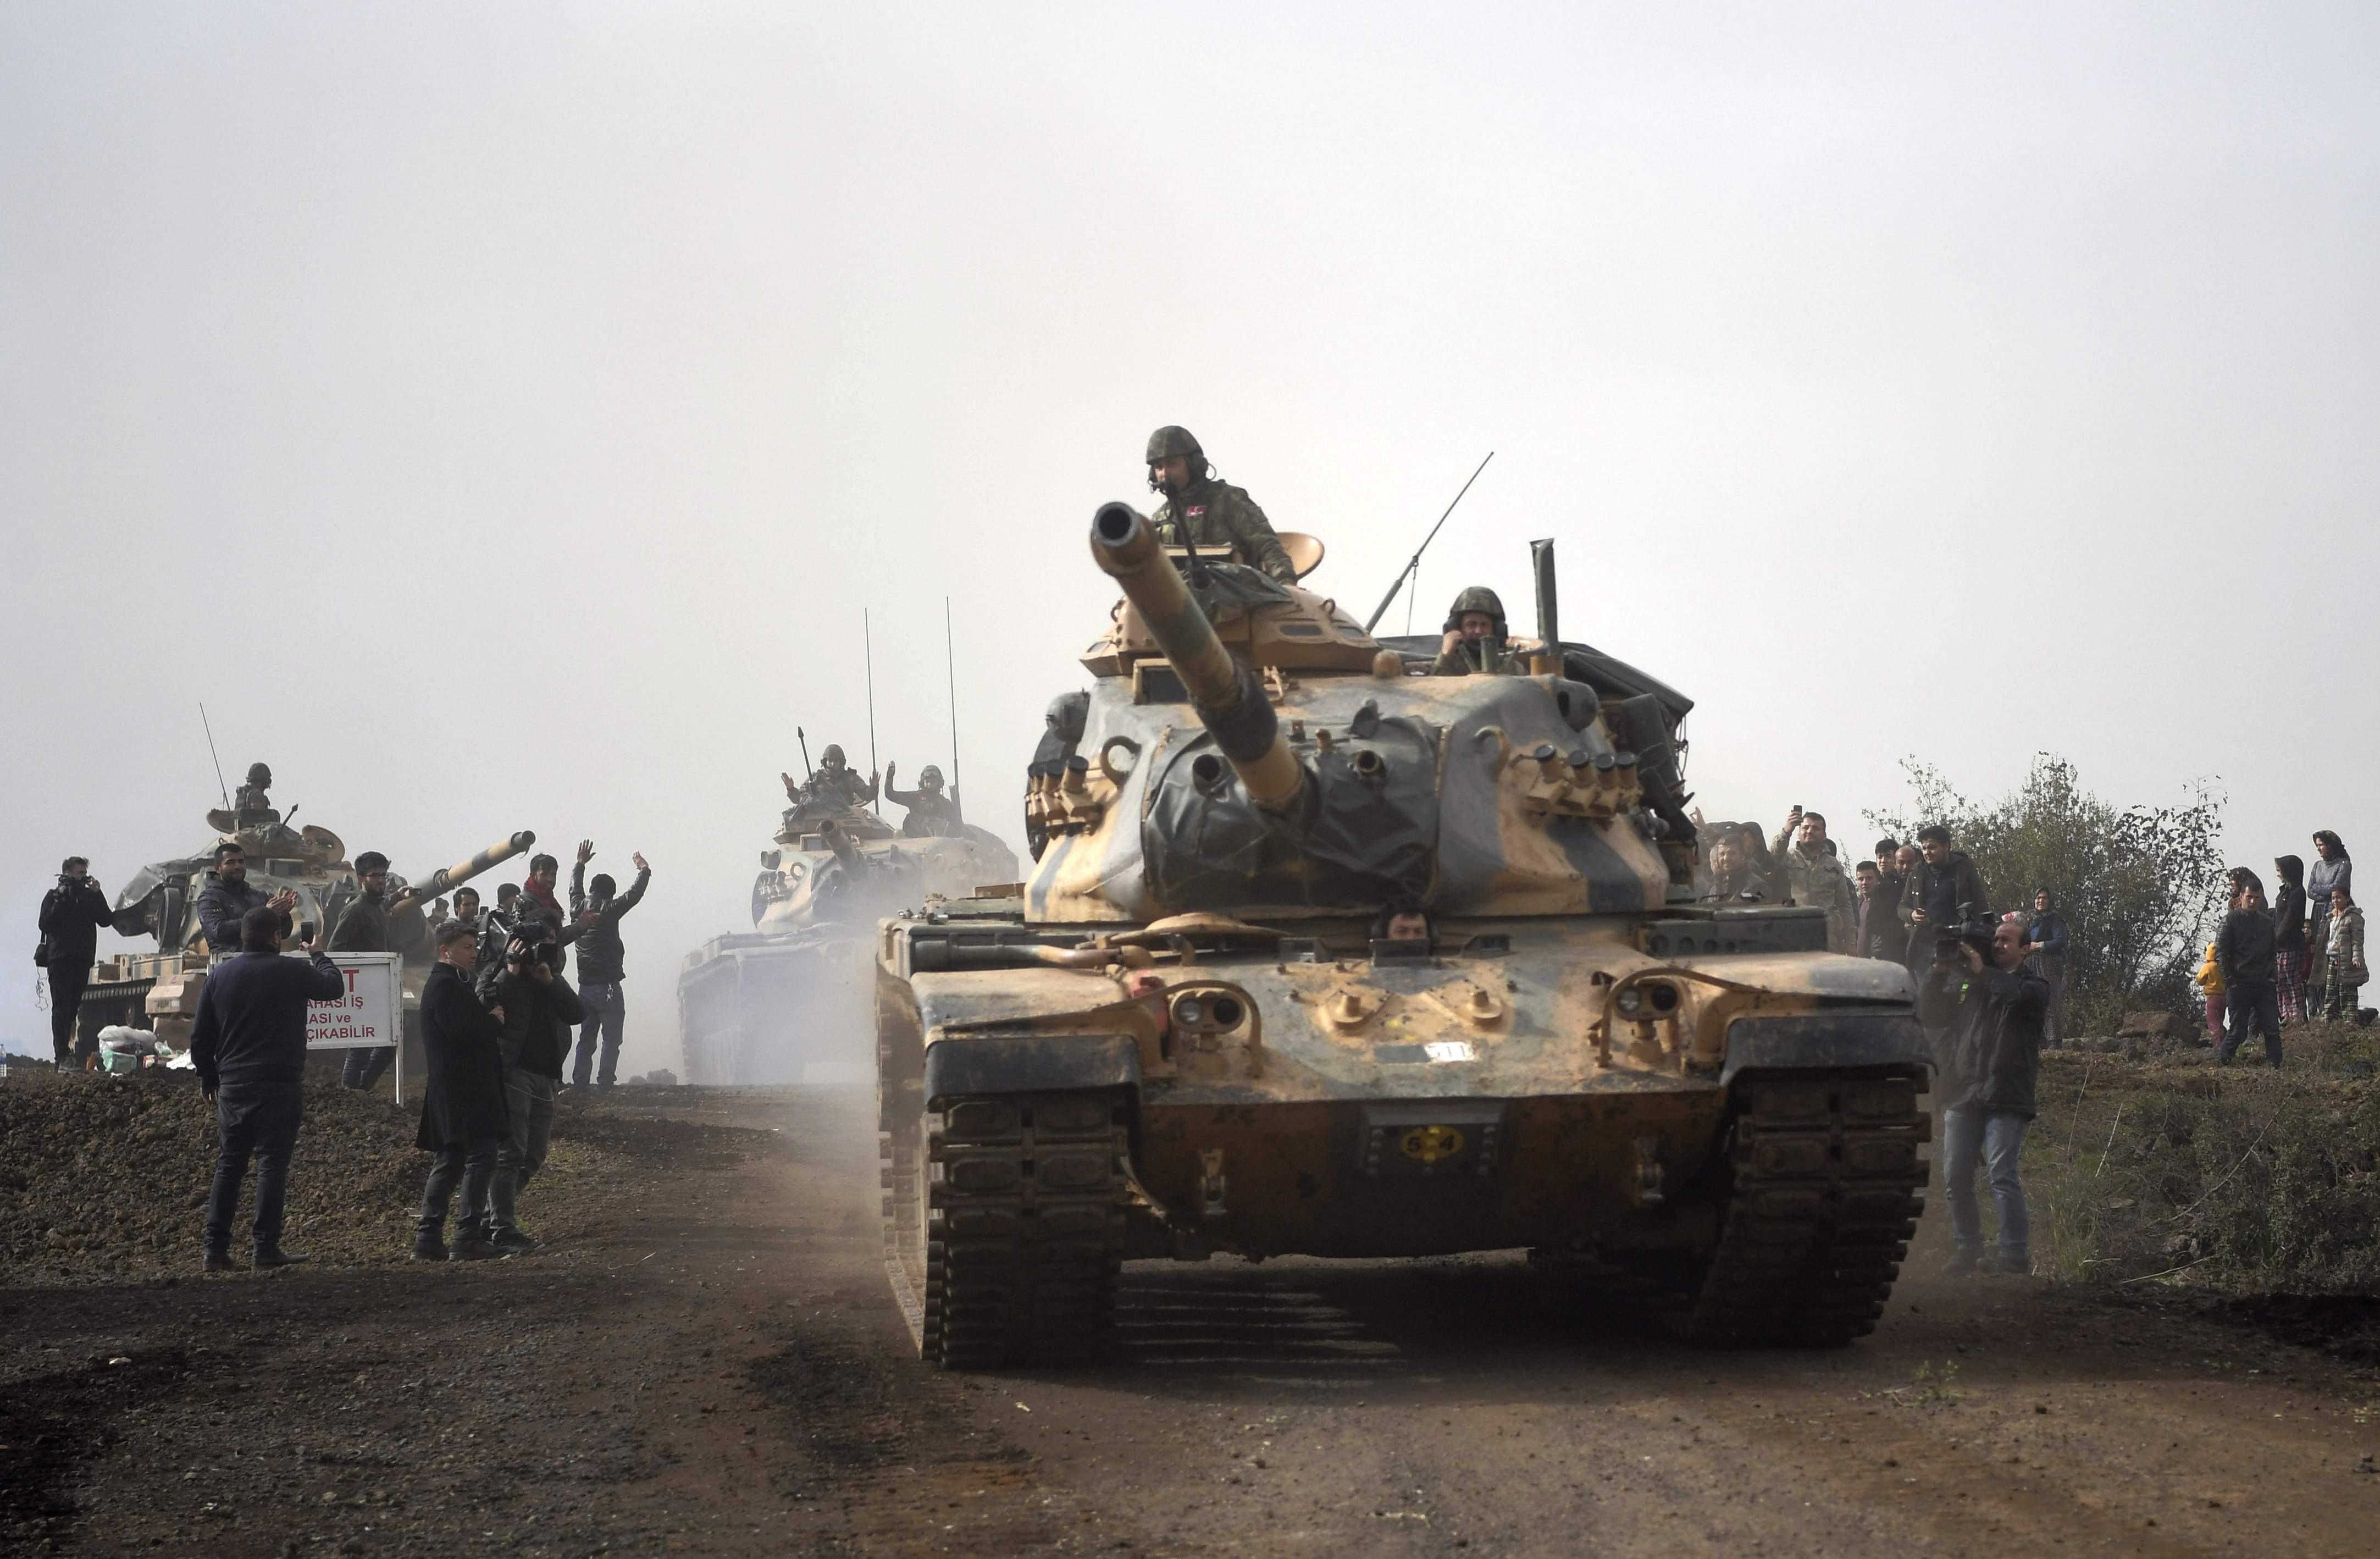 حضور داعش در سوریه